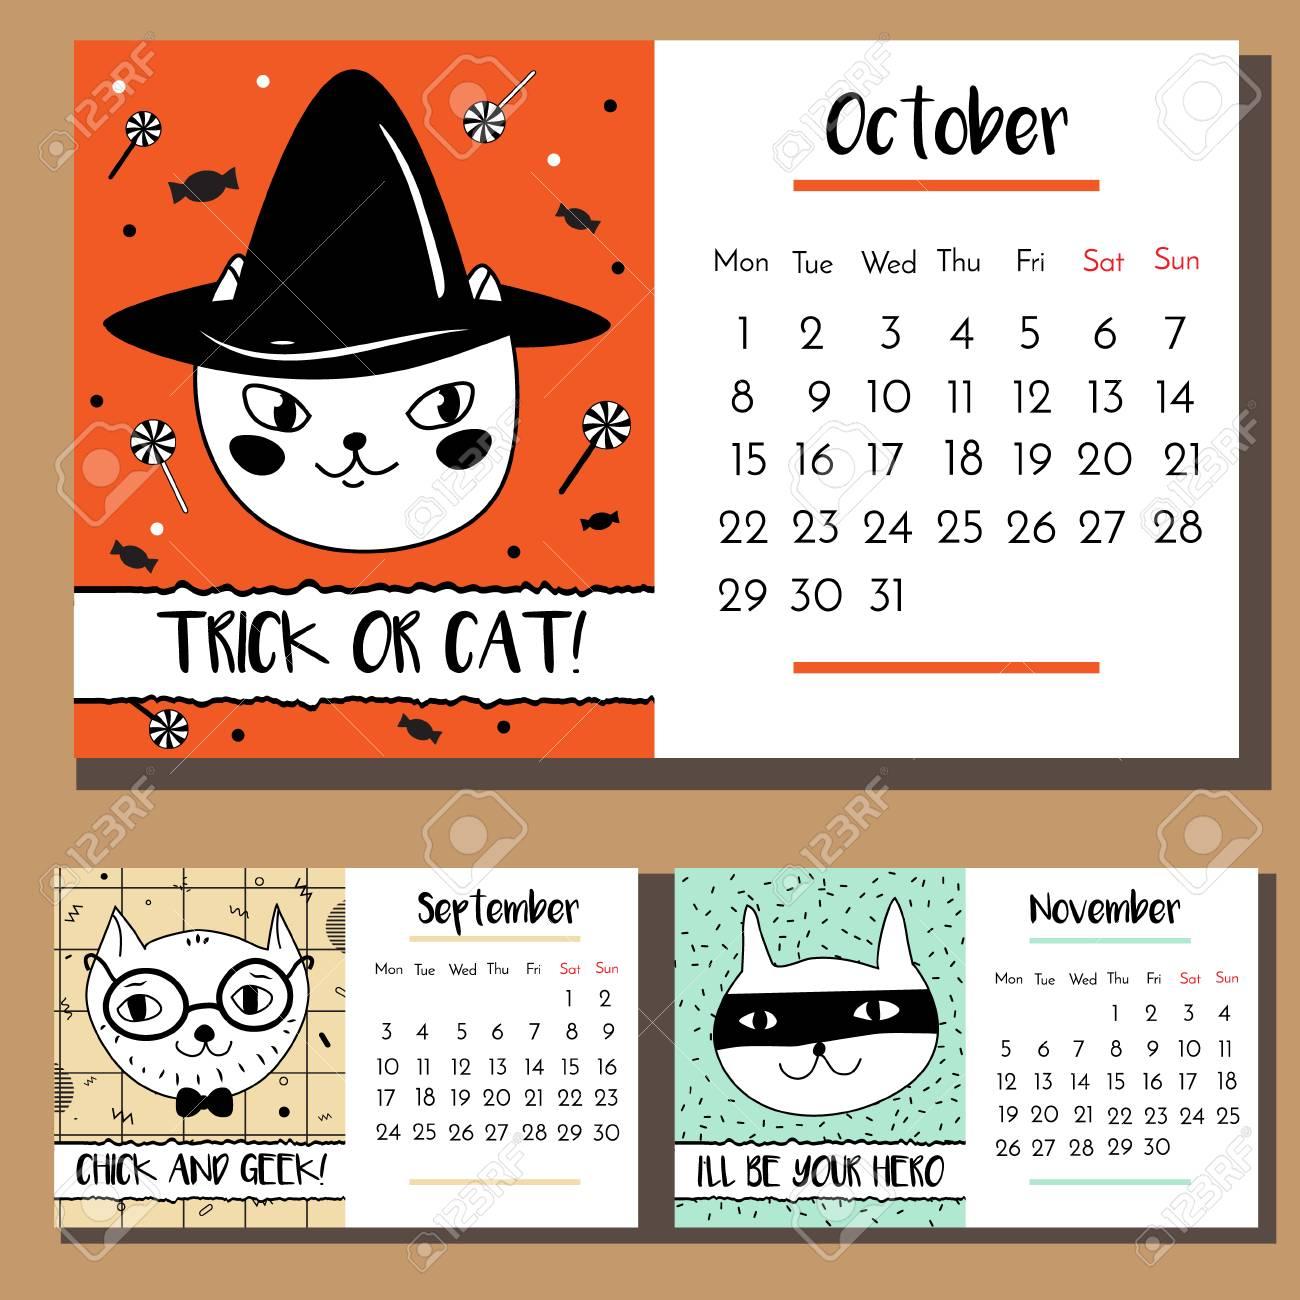 Doodle Cat Calendar Design Template 2018 Calendar With Funny